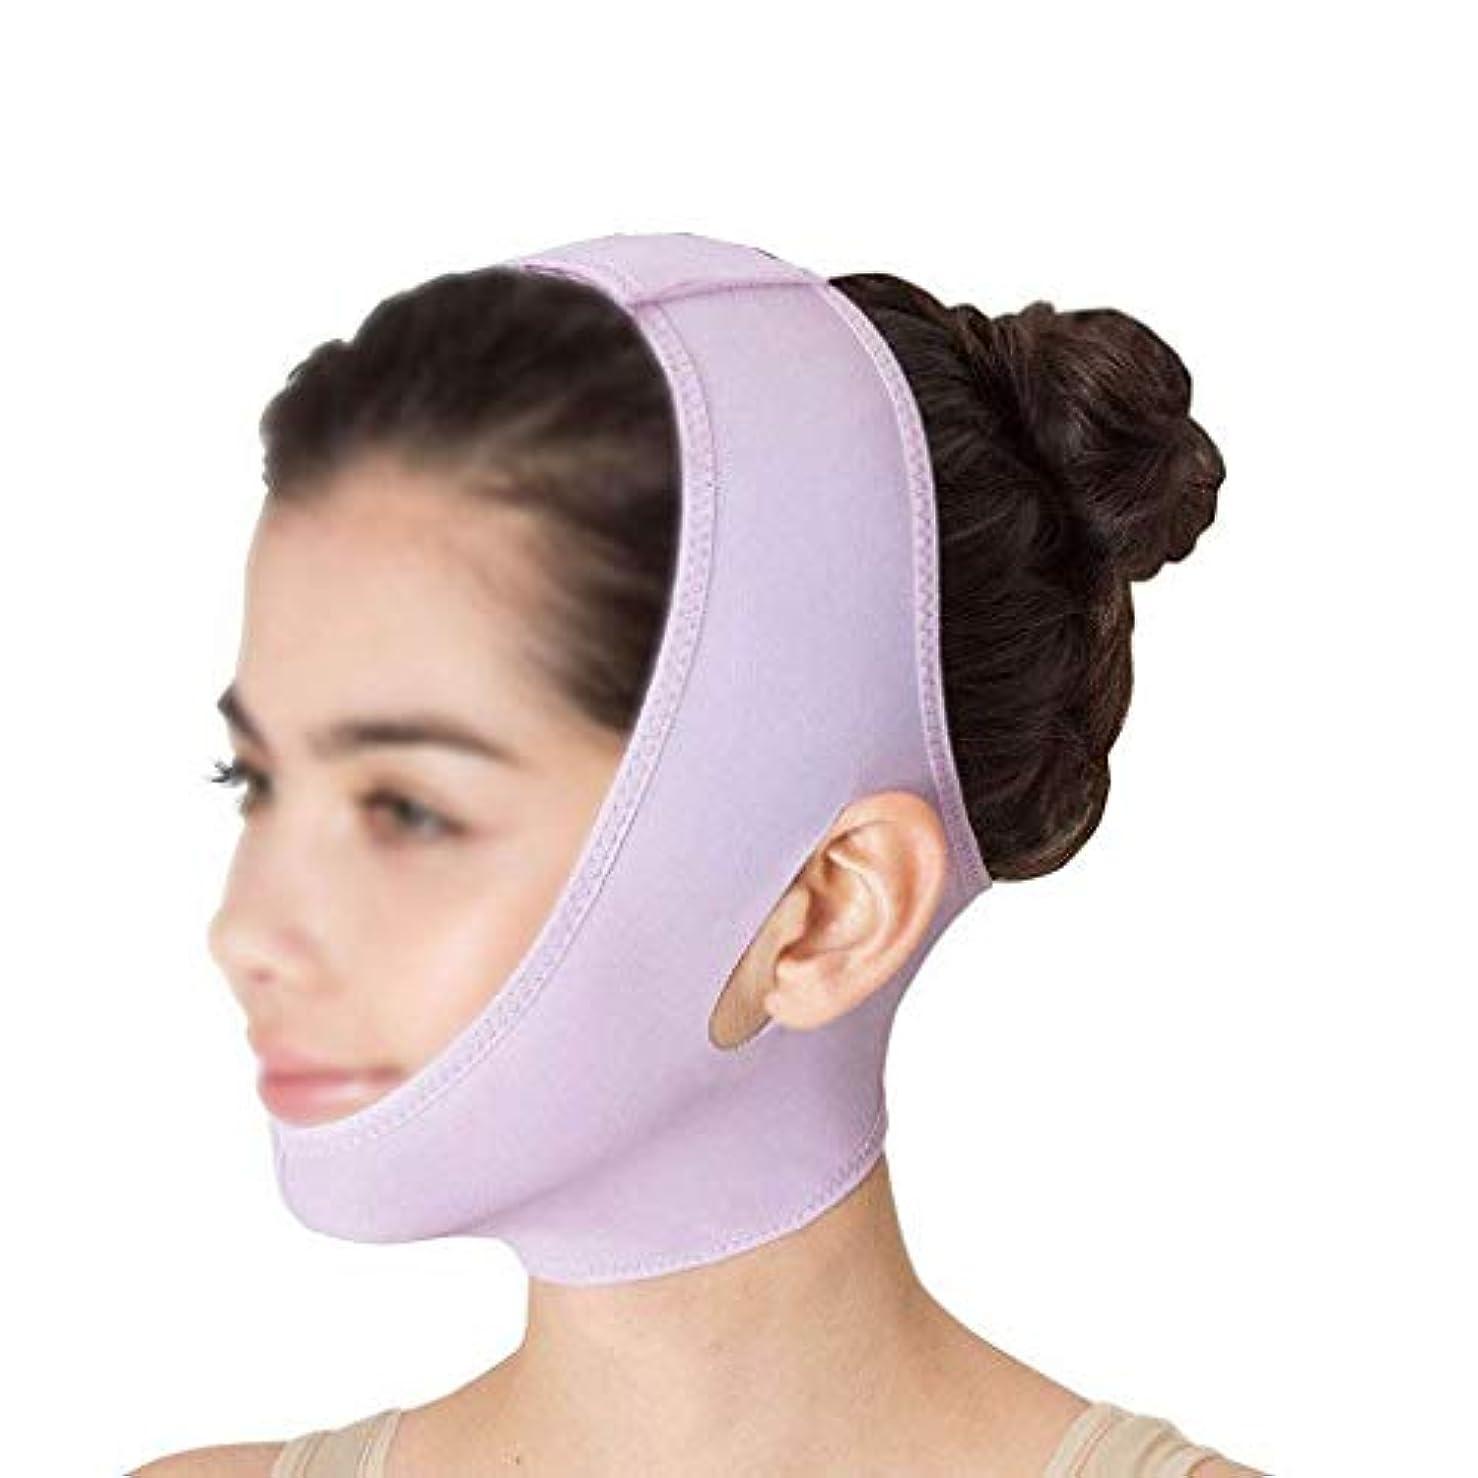 中間省広告薄いフェイスマスク ビームフェイス、薄いダブルチンでスリーピングマスクの下の頬を防ぎ、小さなVフェイスを作成